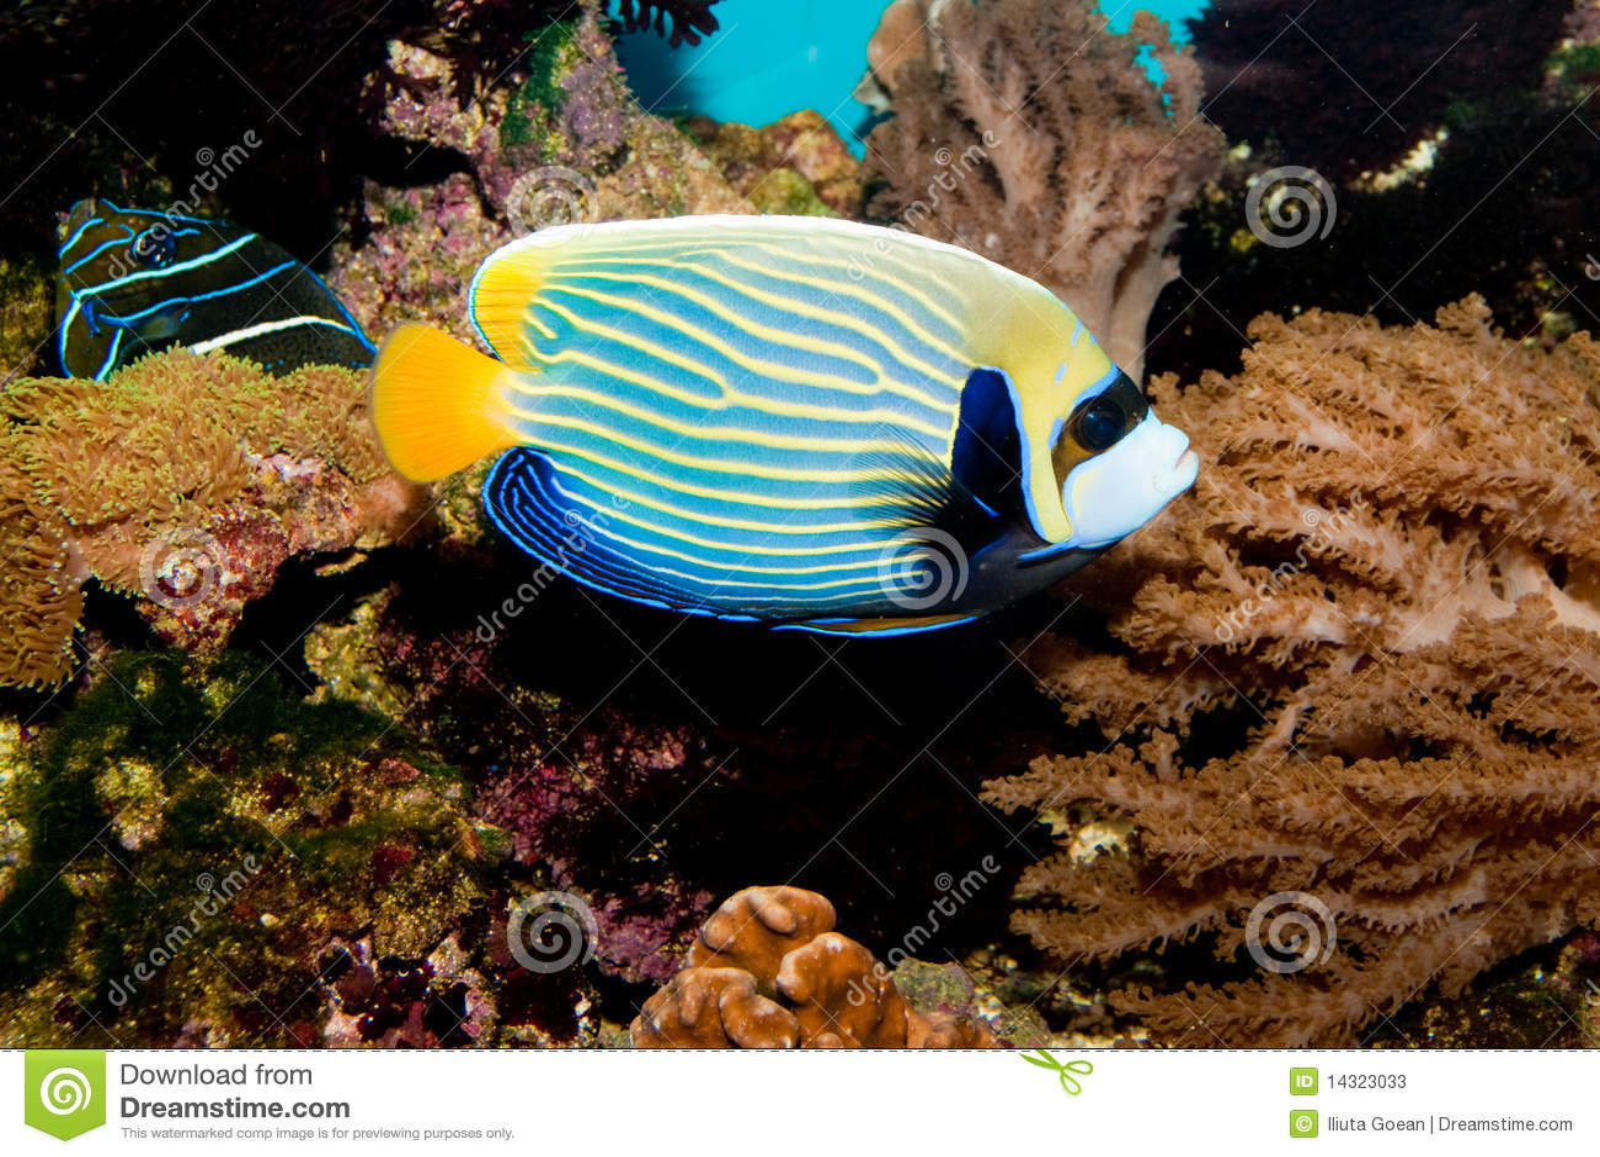 emperor angelfish in aquarium stock photos   image 14323033